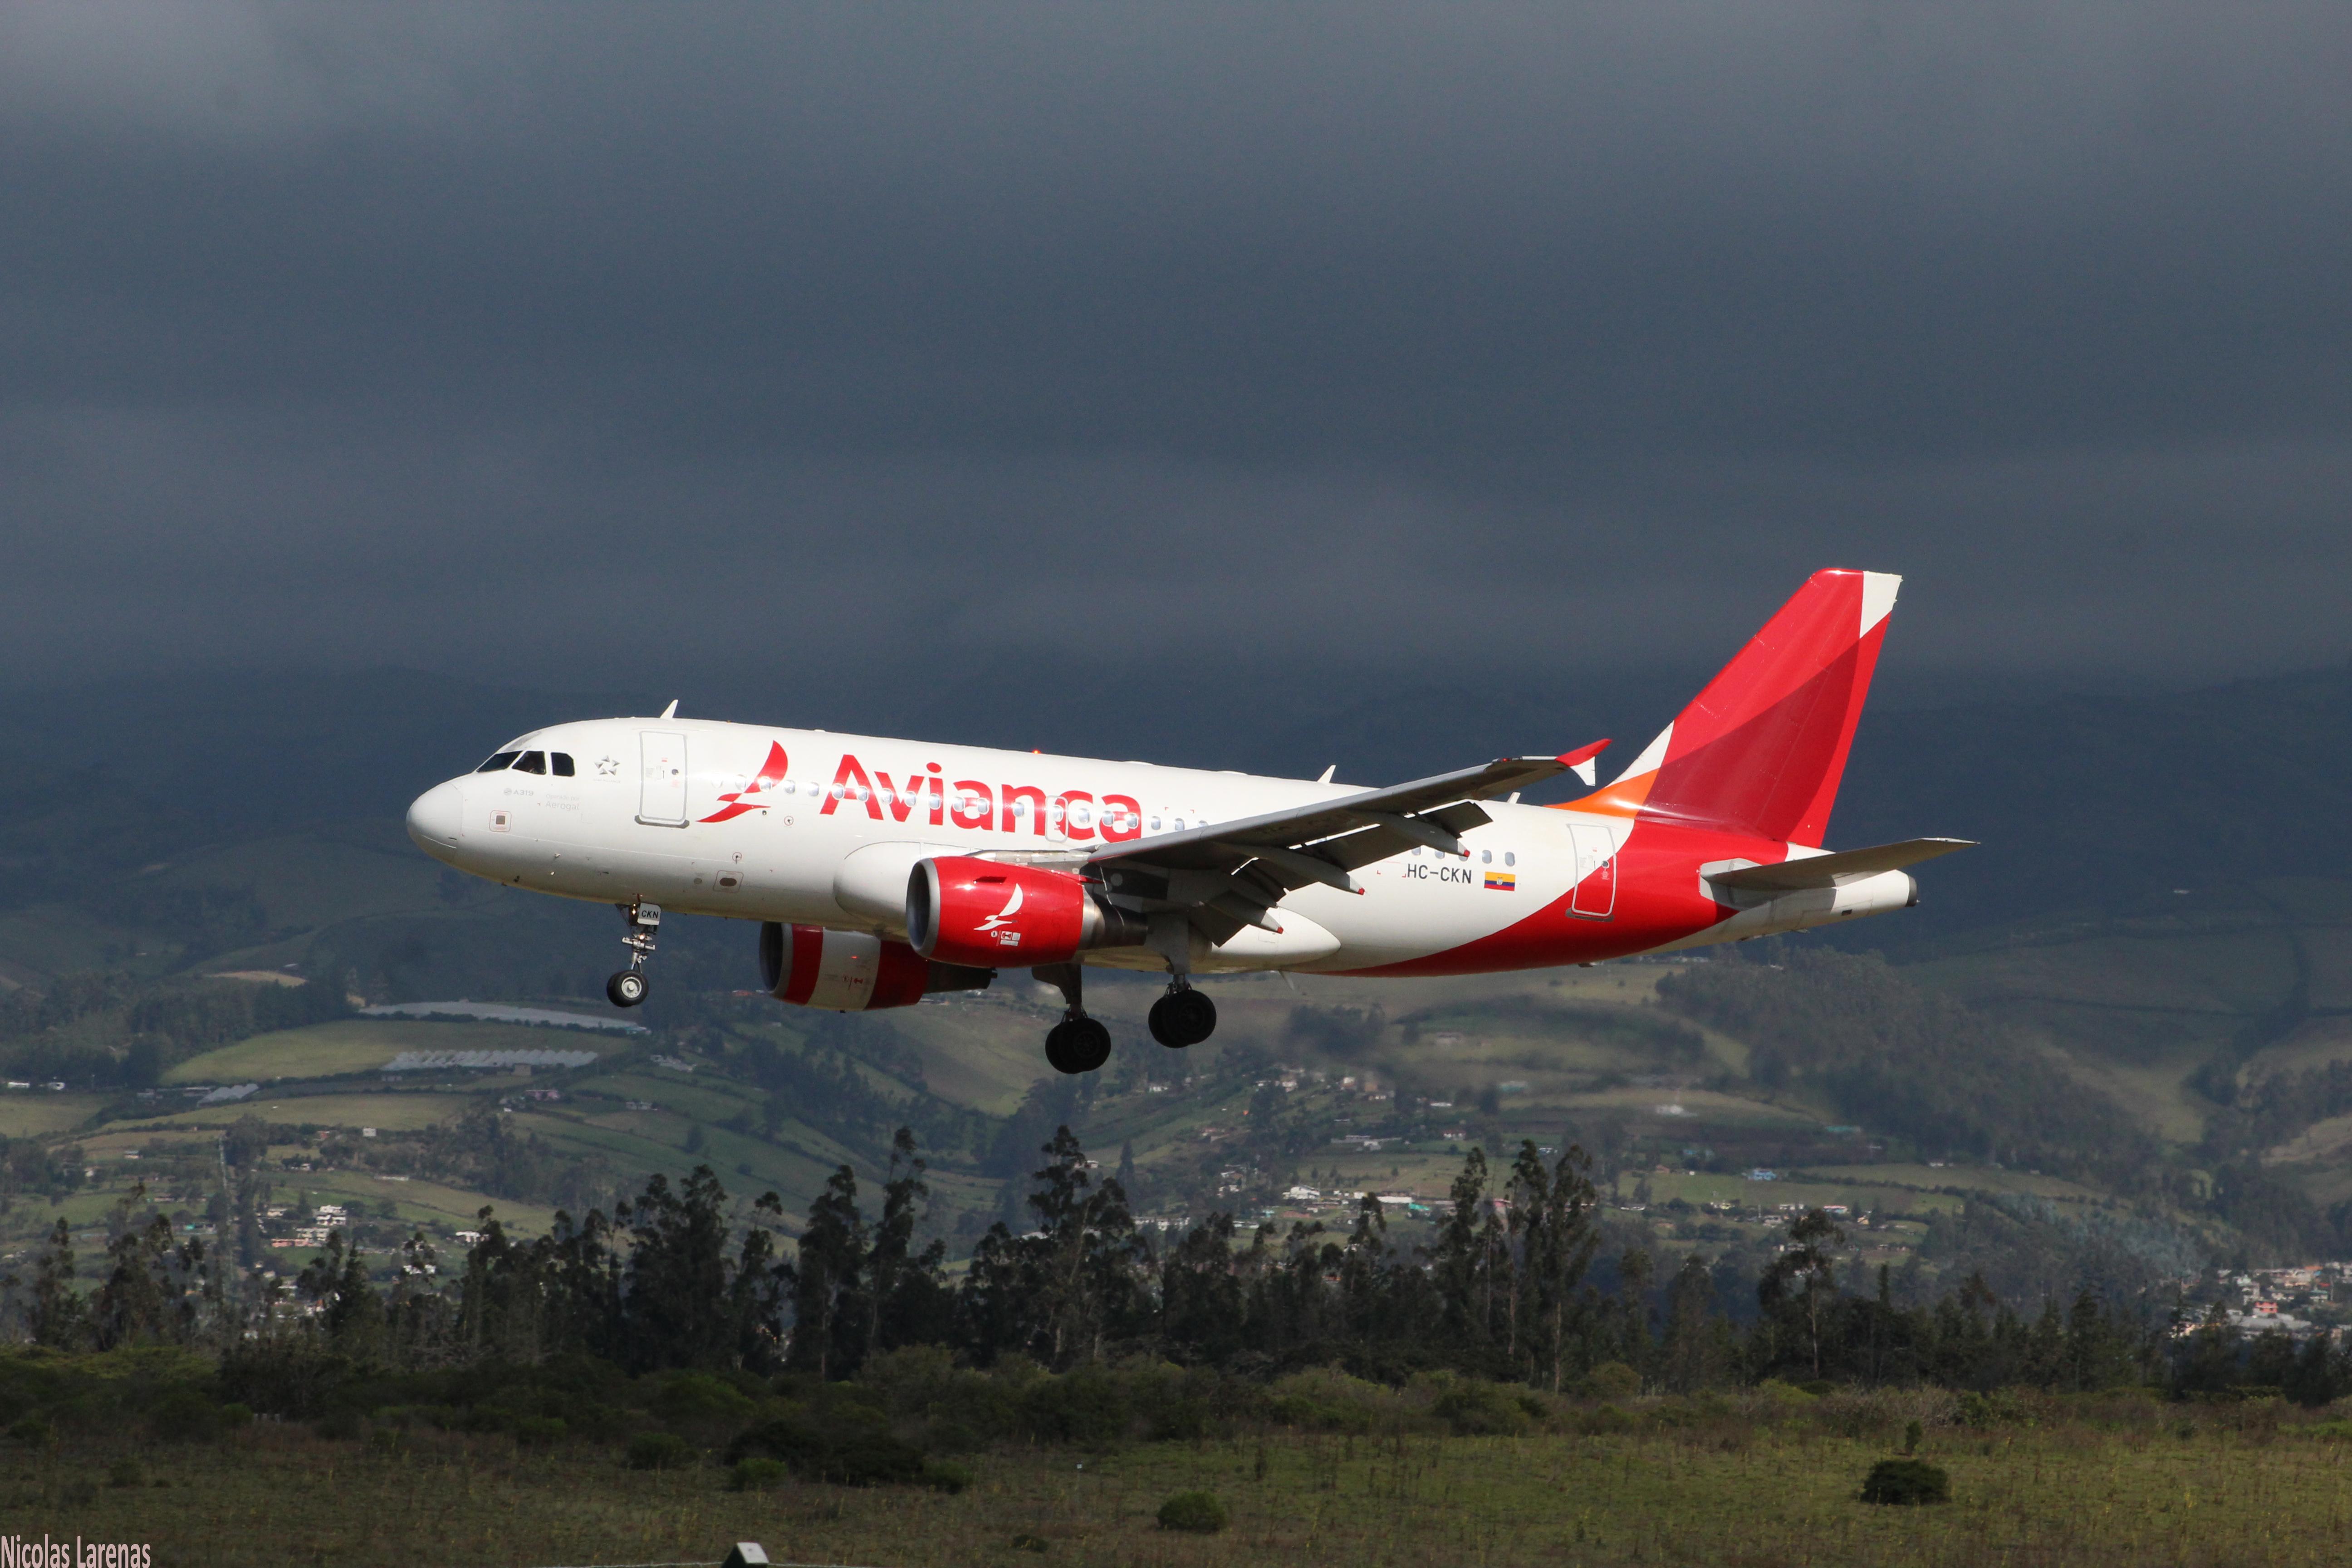 Avianca Holdings estrenará plataforma para impulsar Duty Free a finales de este año